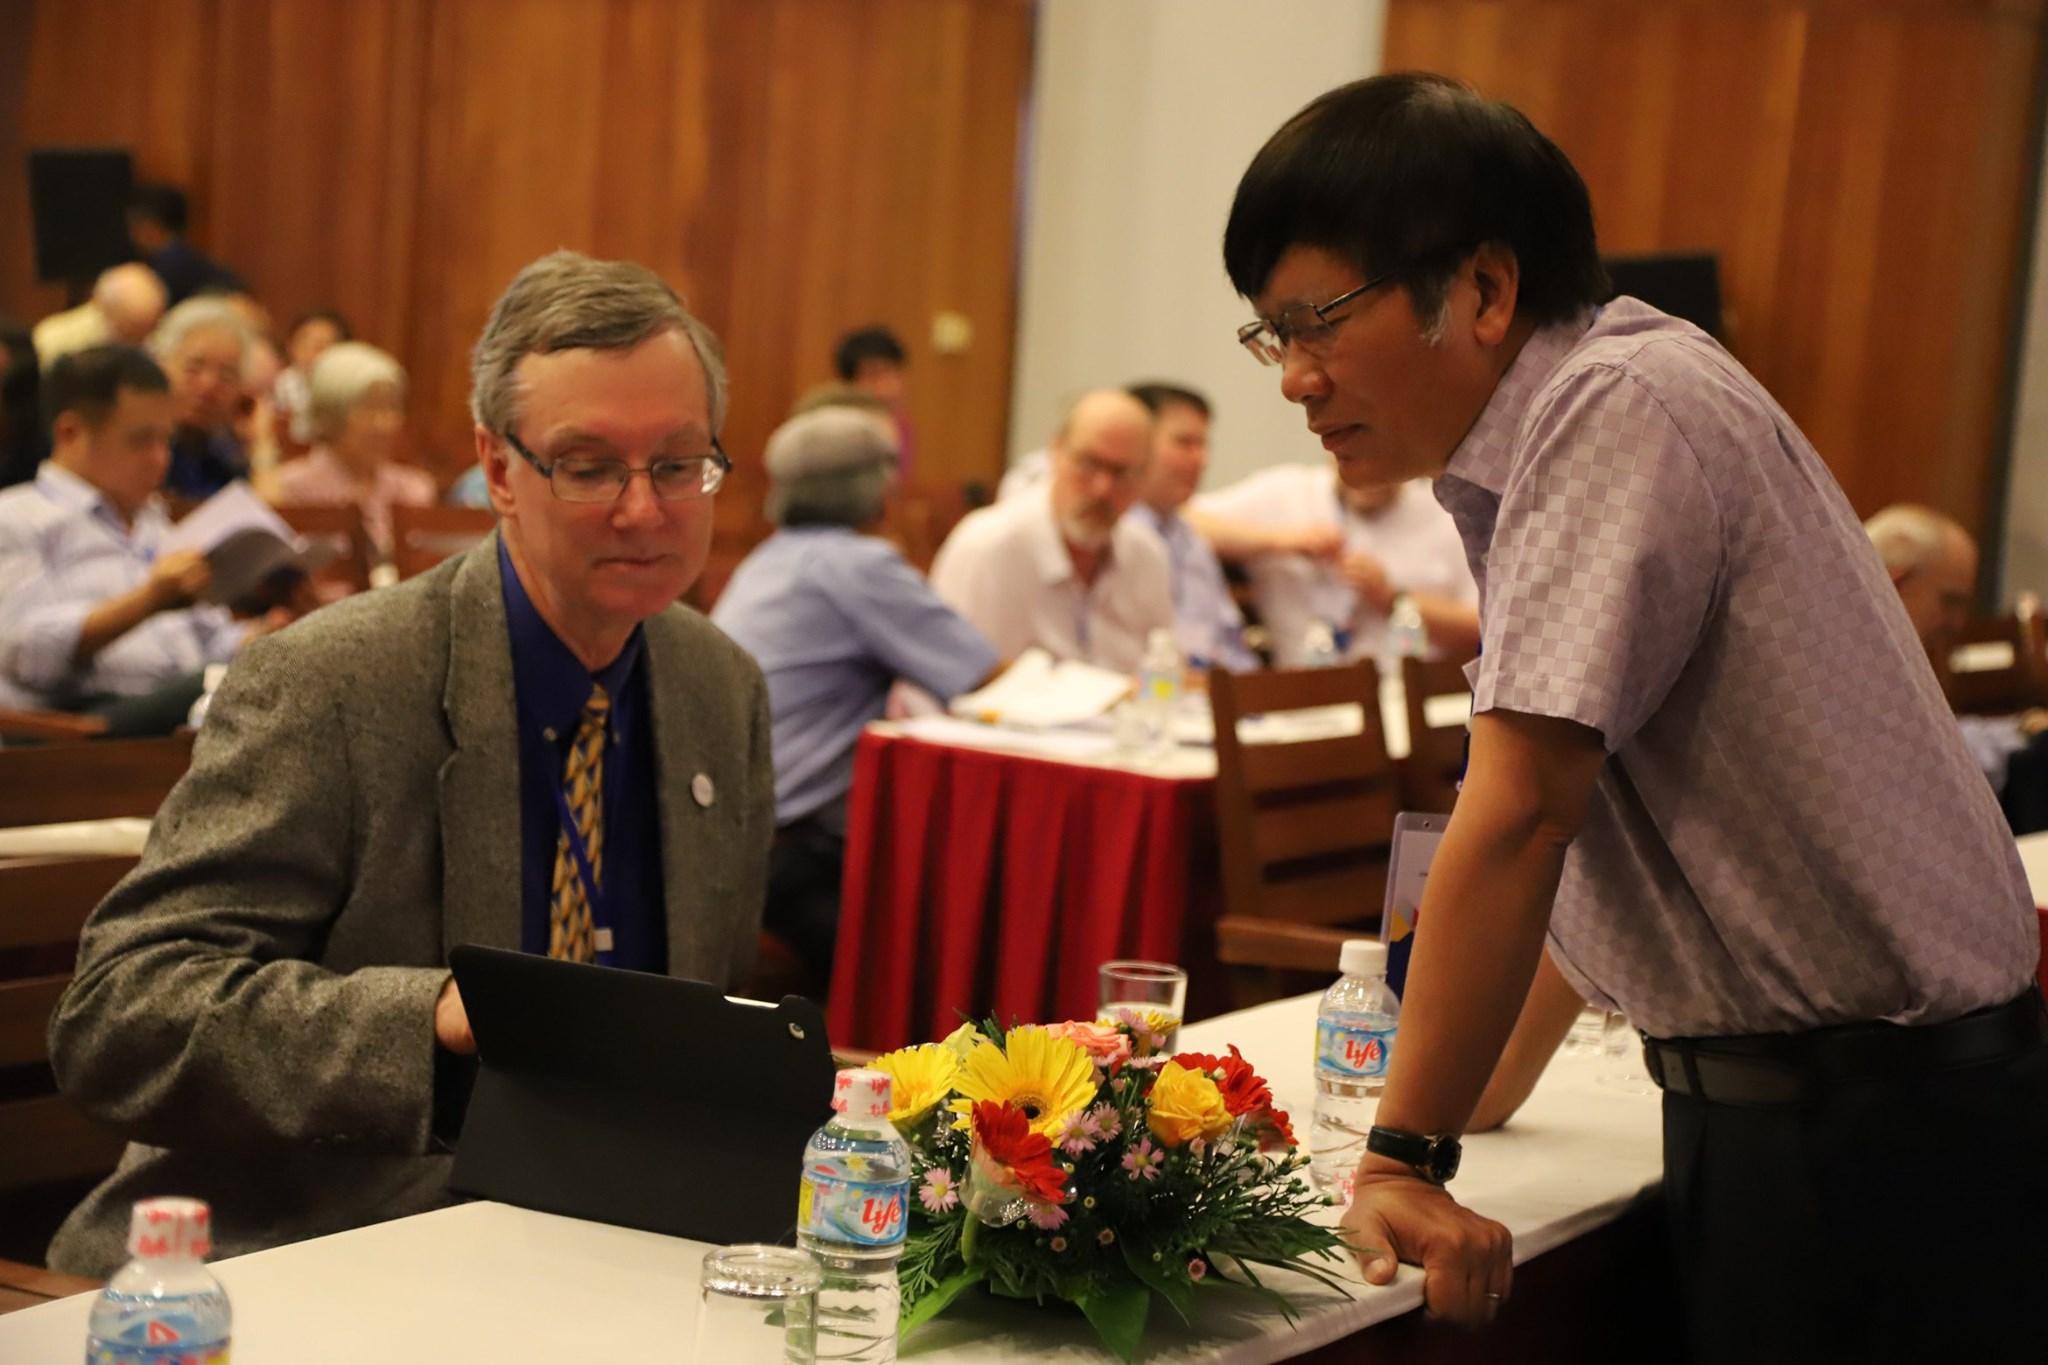 GS. Lê Tuấn Hoa, Viện Toán học (bìa phải) và GS. Brian D. Boe, Đại học Georgia, Mỹ. Hai người đã chủ trì phiên trình bày về đại số giao hoán diễn ra vào chiều ngày 11/6.